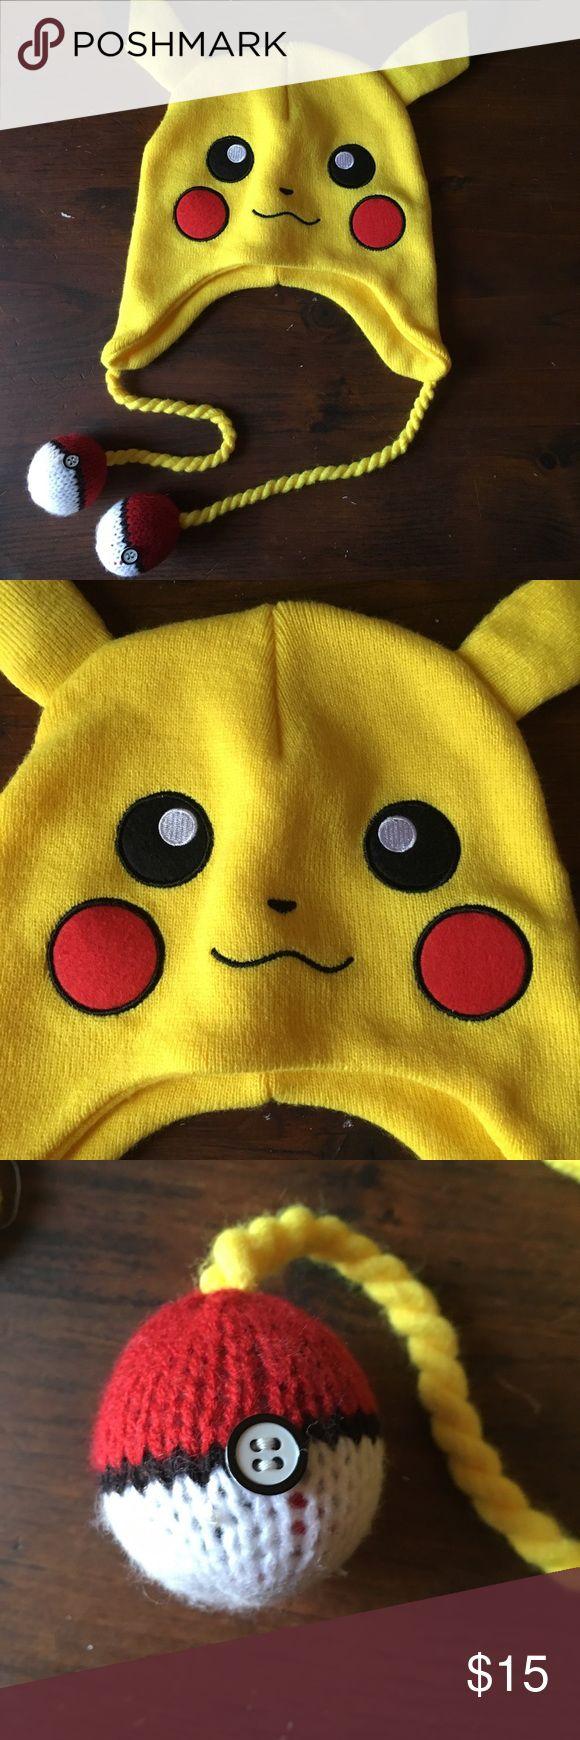 Pokémon Knit Hat Cut Pokémon Knit Hat in Excellent Condition Accessories Hats